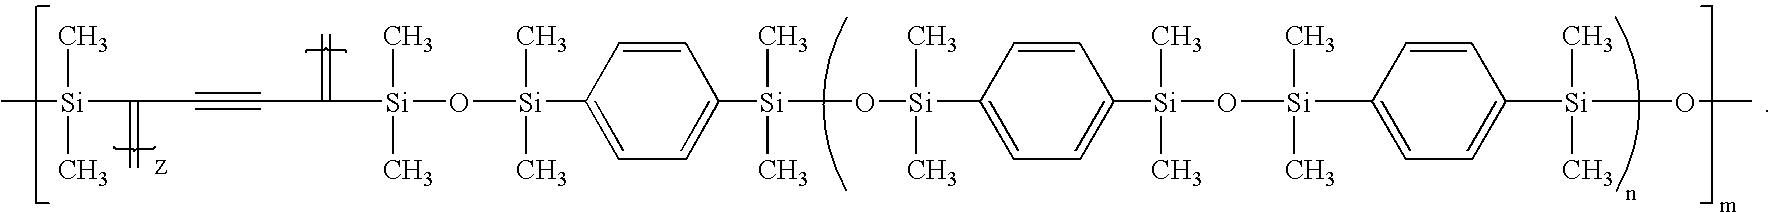 Figure US06787615-20040907-C00020